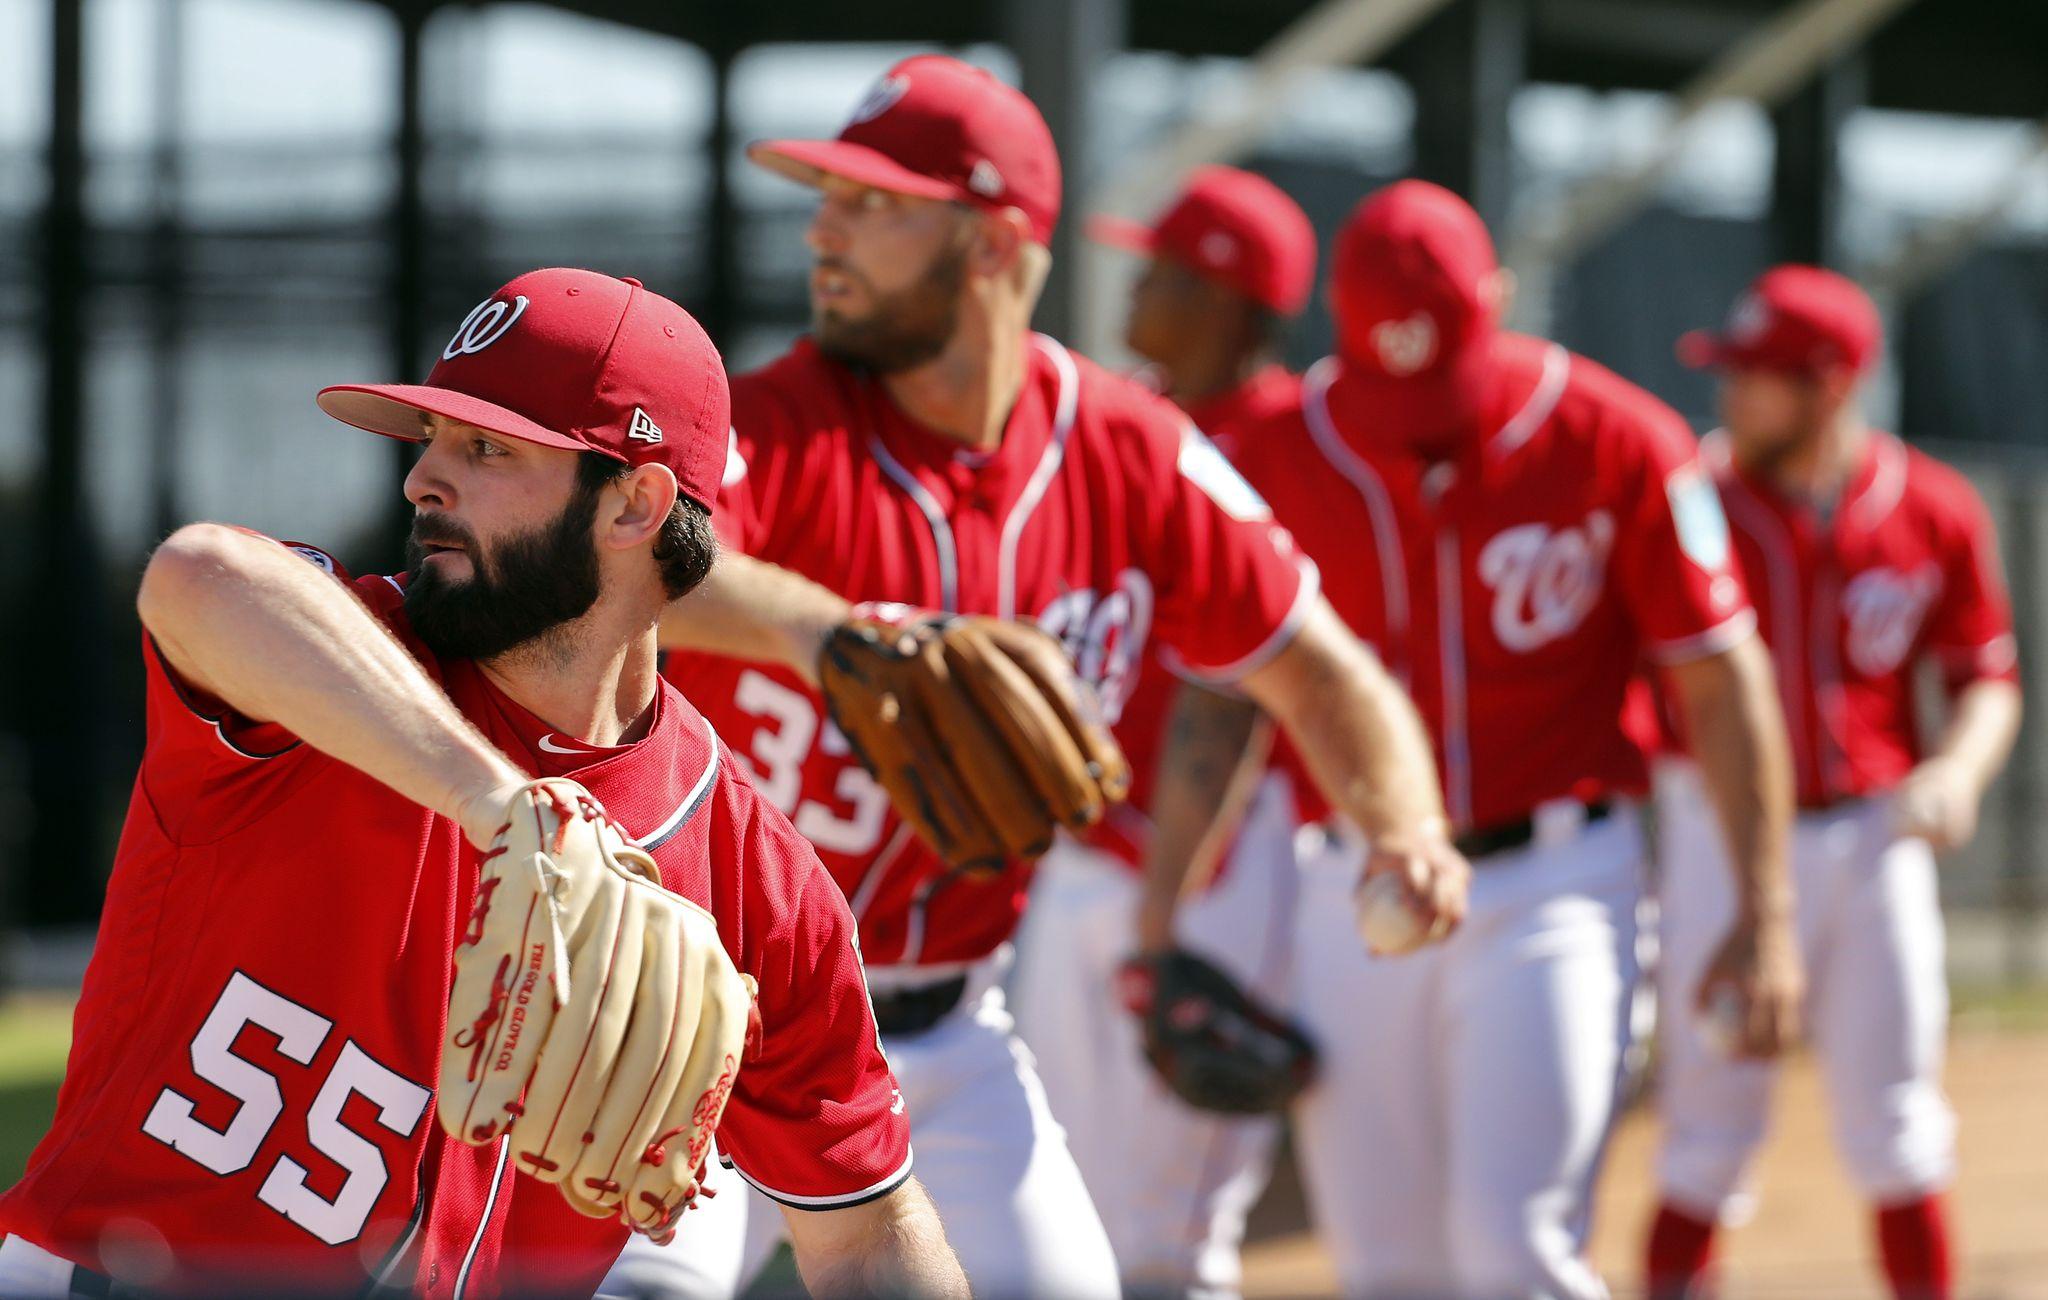 Nationals_spring_baseball_02724.jpg-66aad_s2048x1300